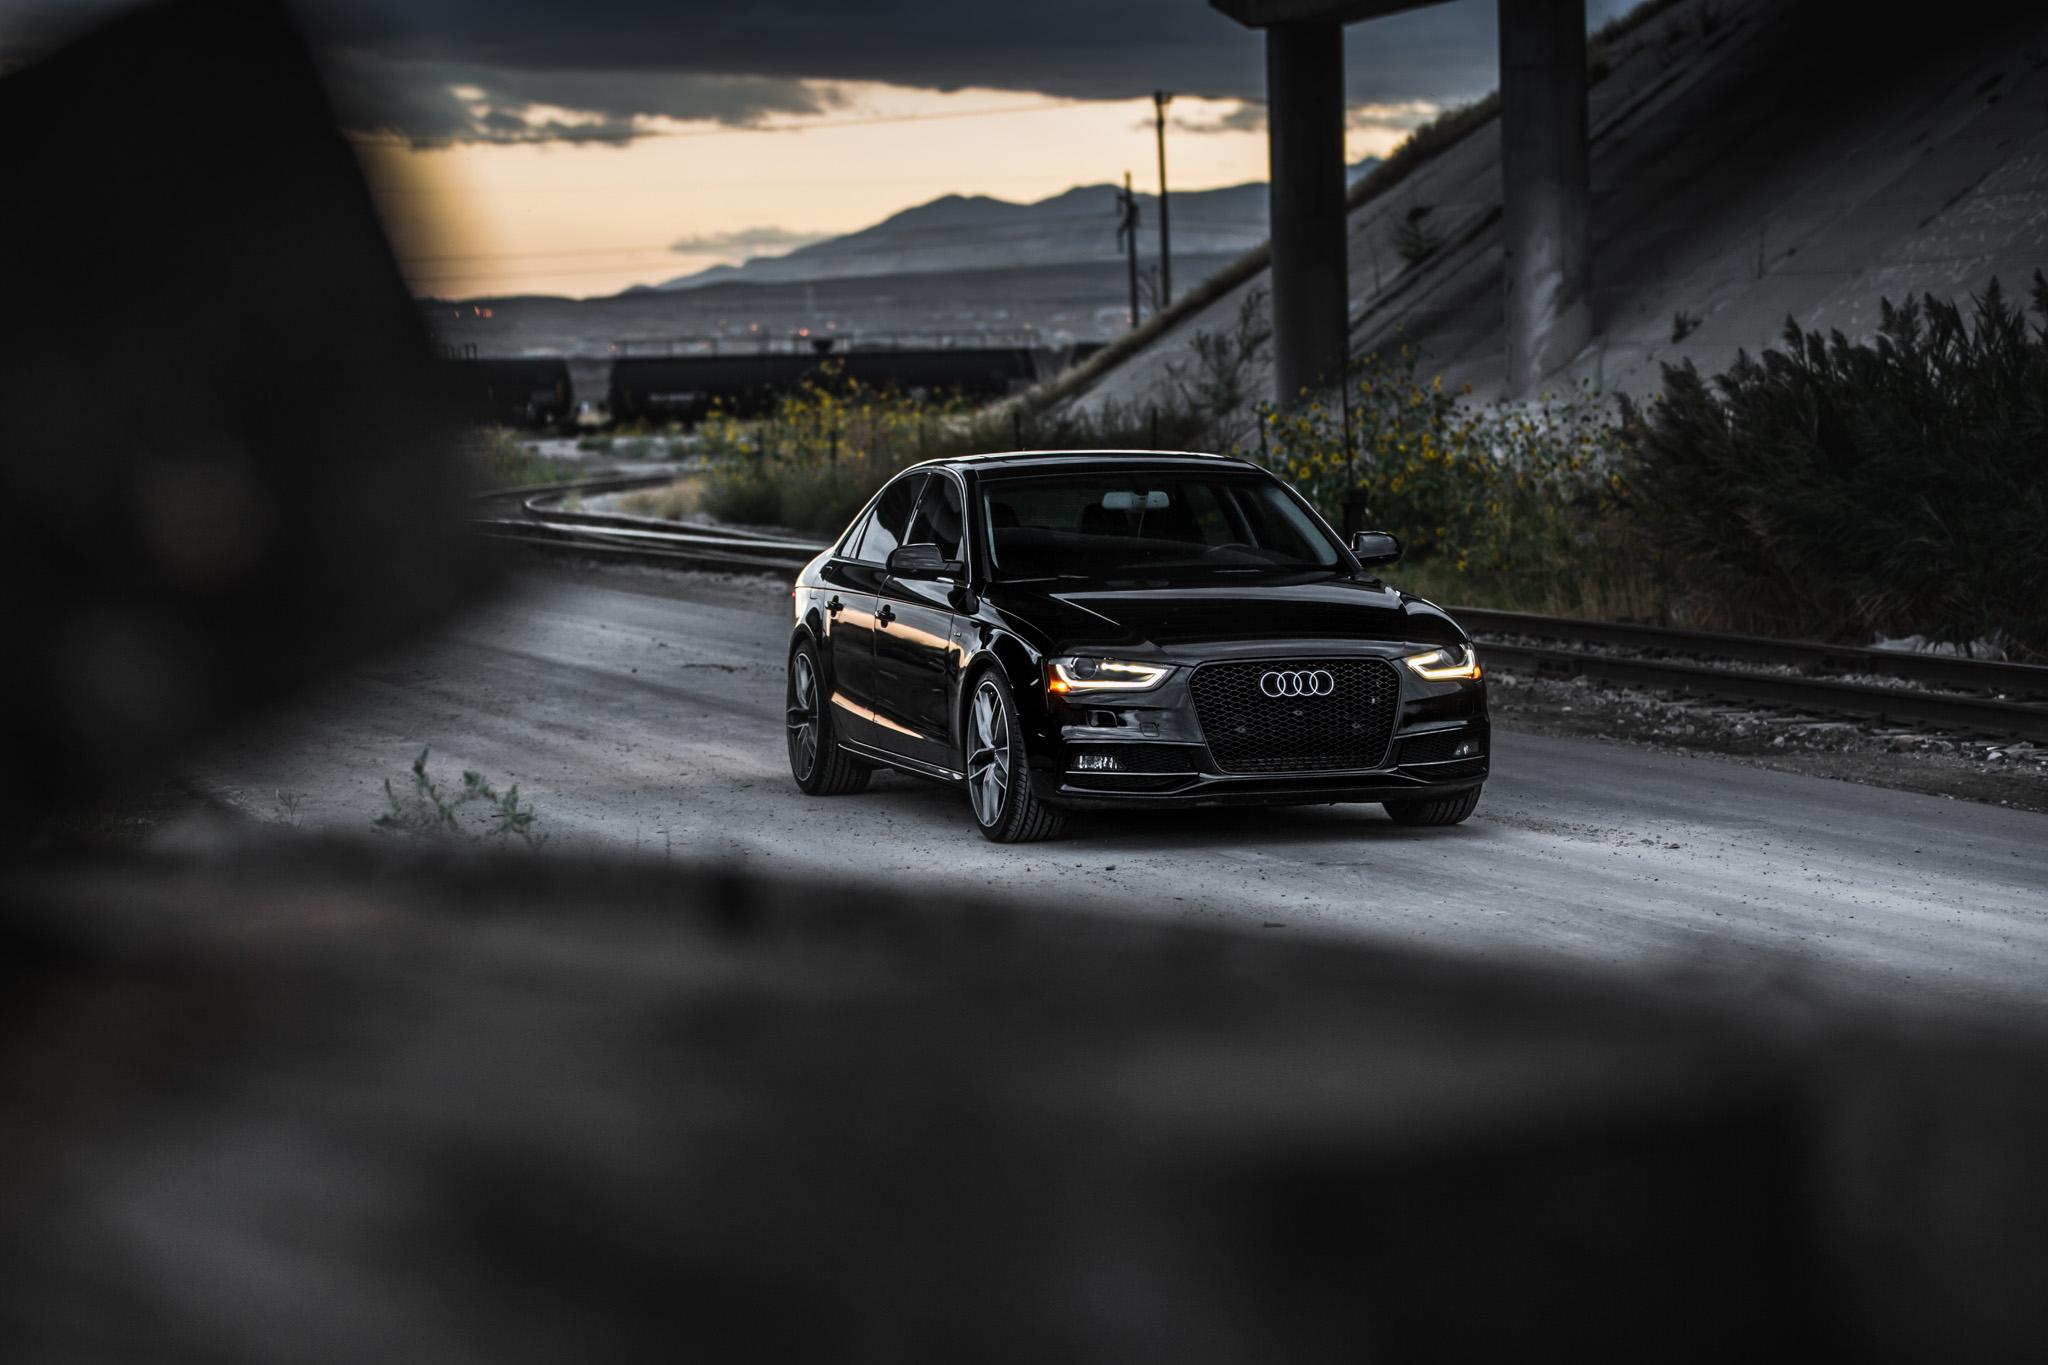 2014 Audi A4 Manual-36.jpg